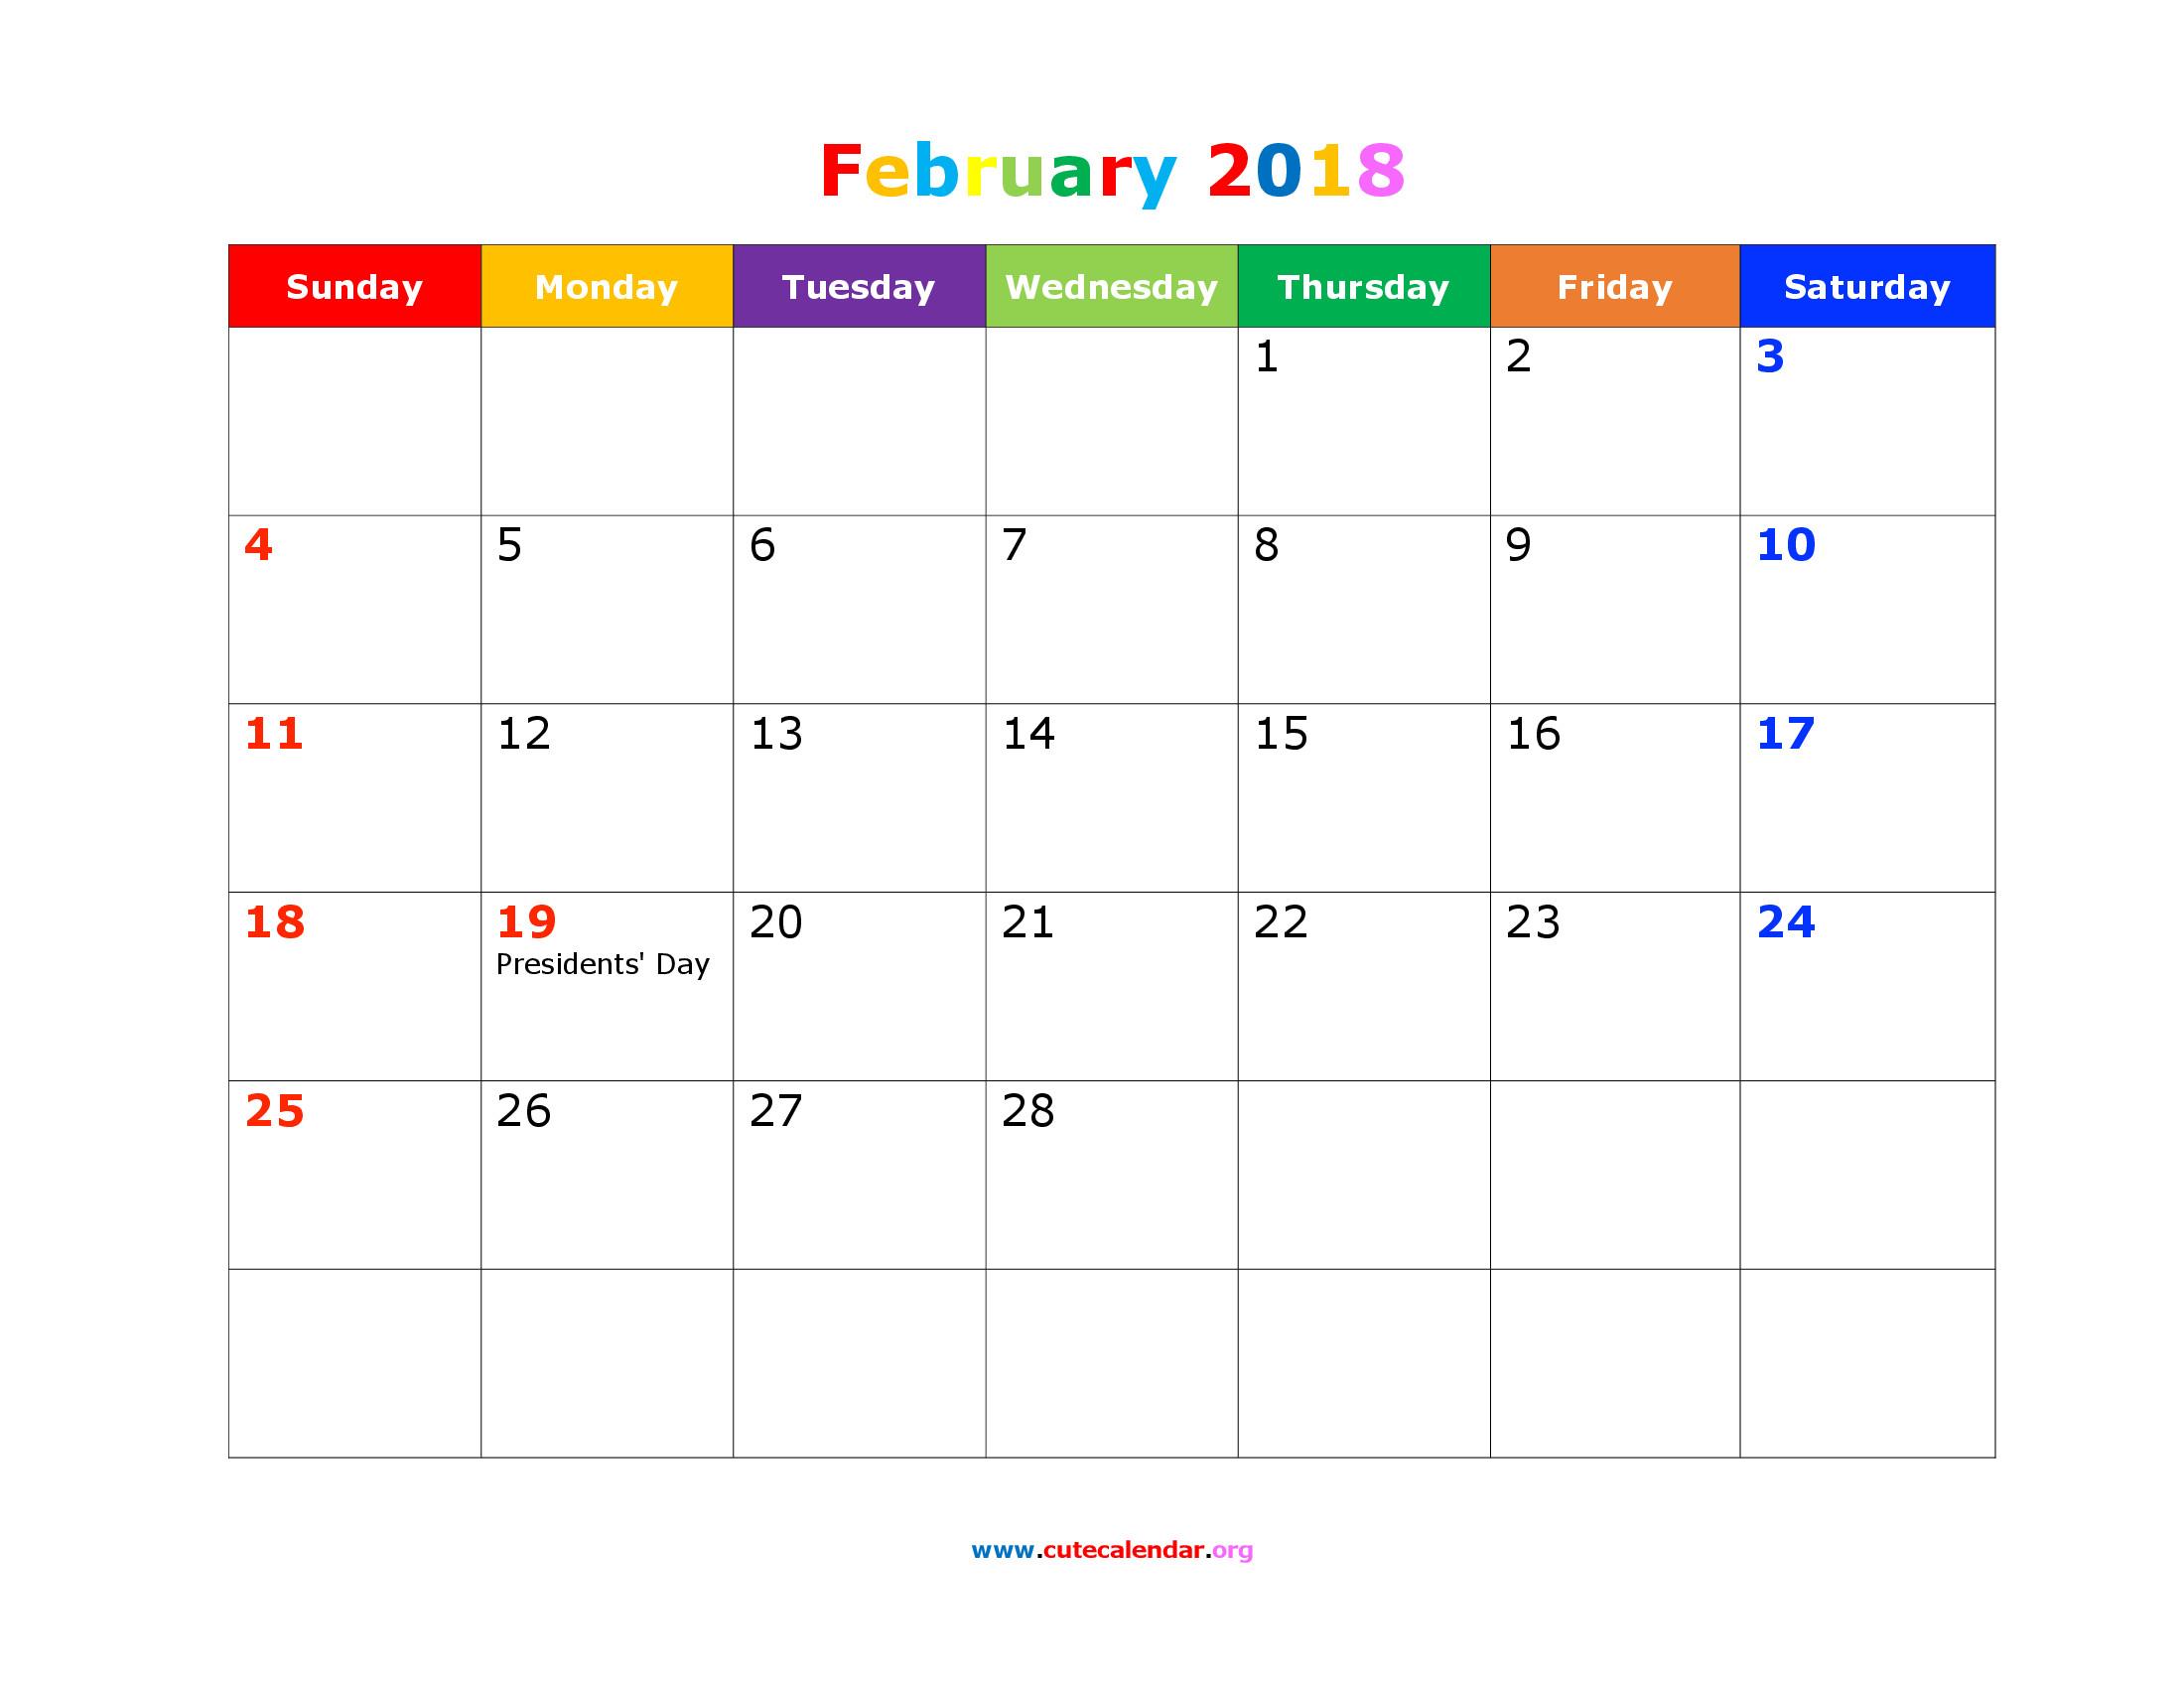 Win Calendar Wallpaper : February wallpaper calendar images